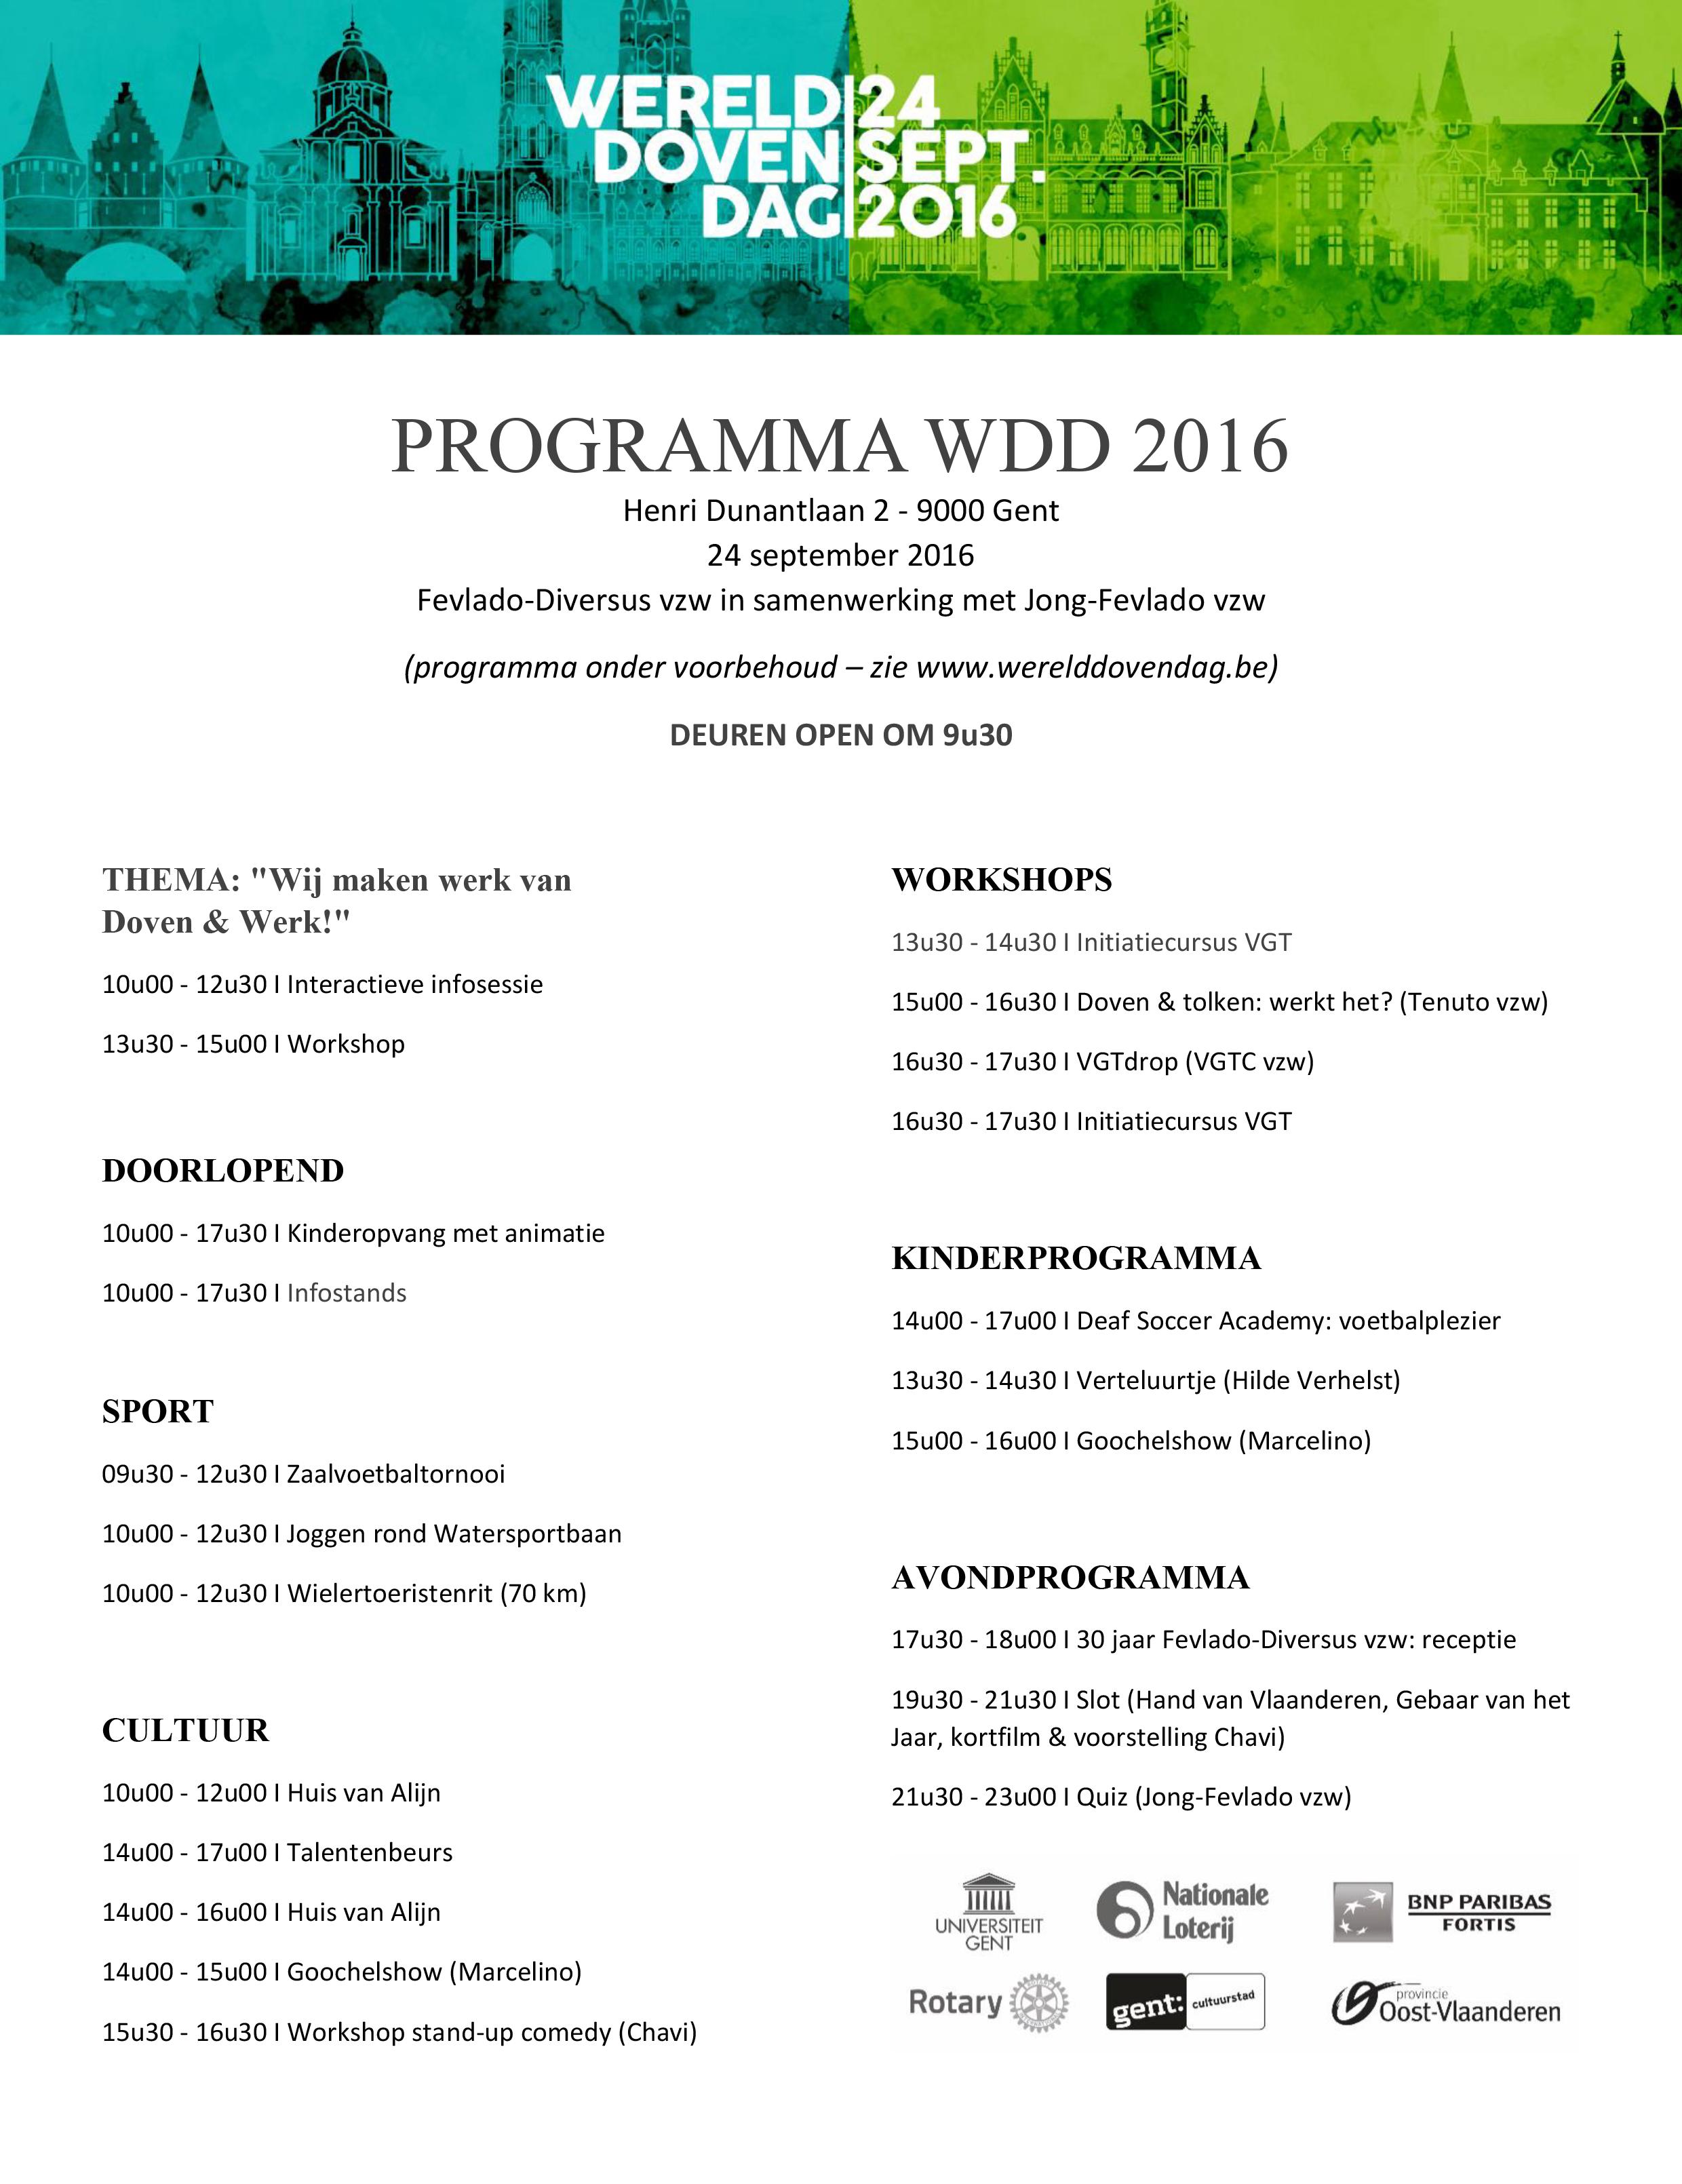 Programma WDD2016 voor ledenblad dovenclubs